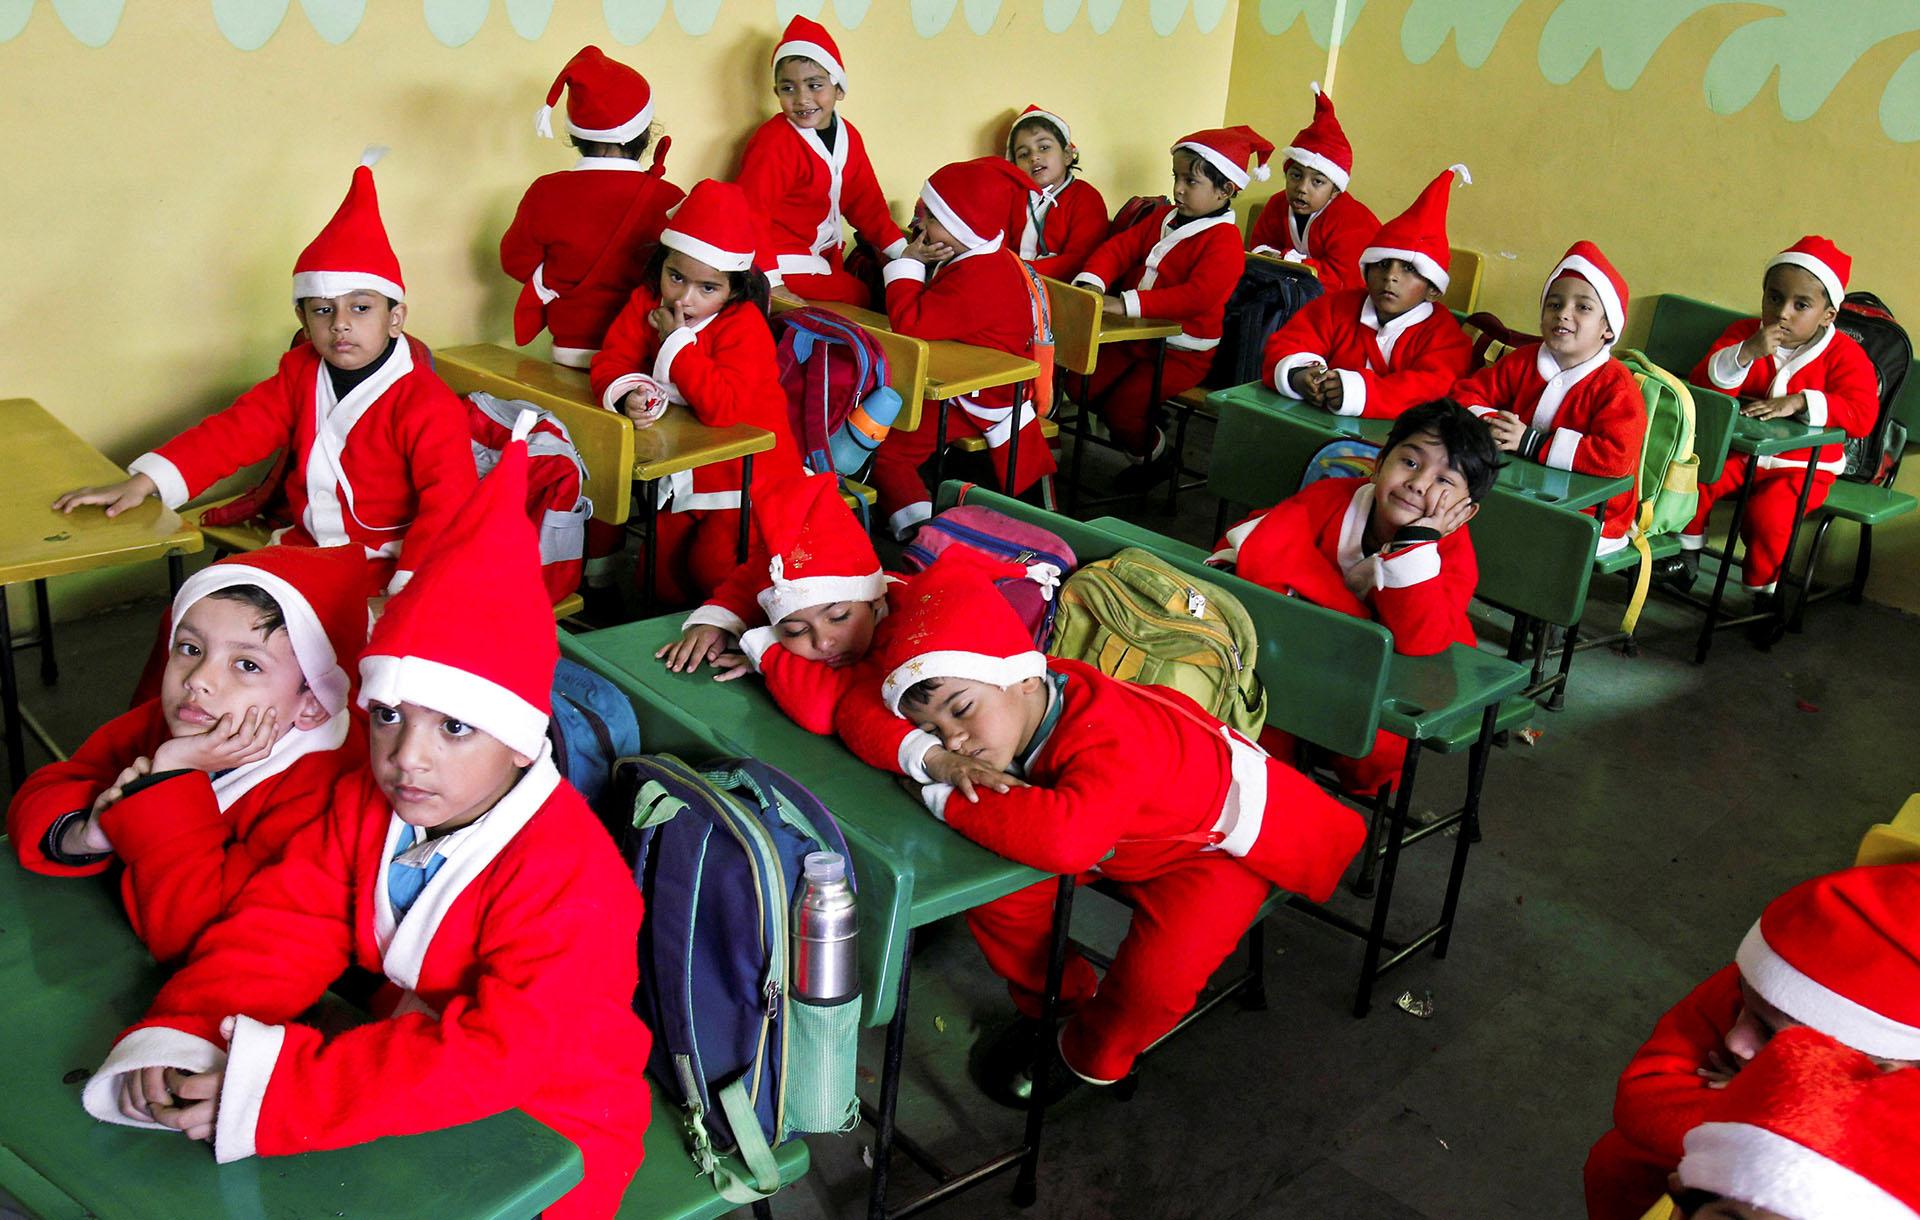 Niños vestidos con trajes de Santa Claus se sientan dentro de un aula antes de participar en las celebraciones navideñas en una escuela de Chandigarh, India, el 20 de diciembre de 2017. (Reuters)